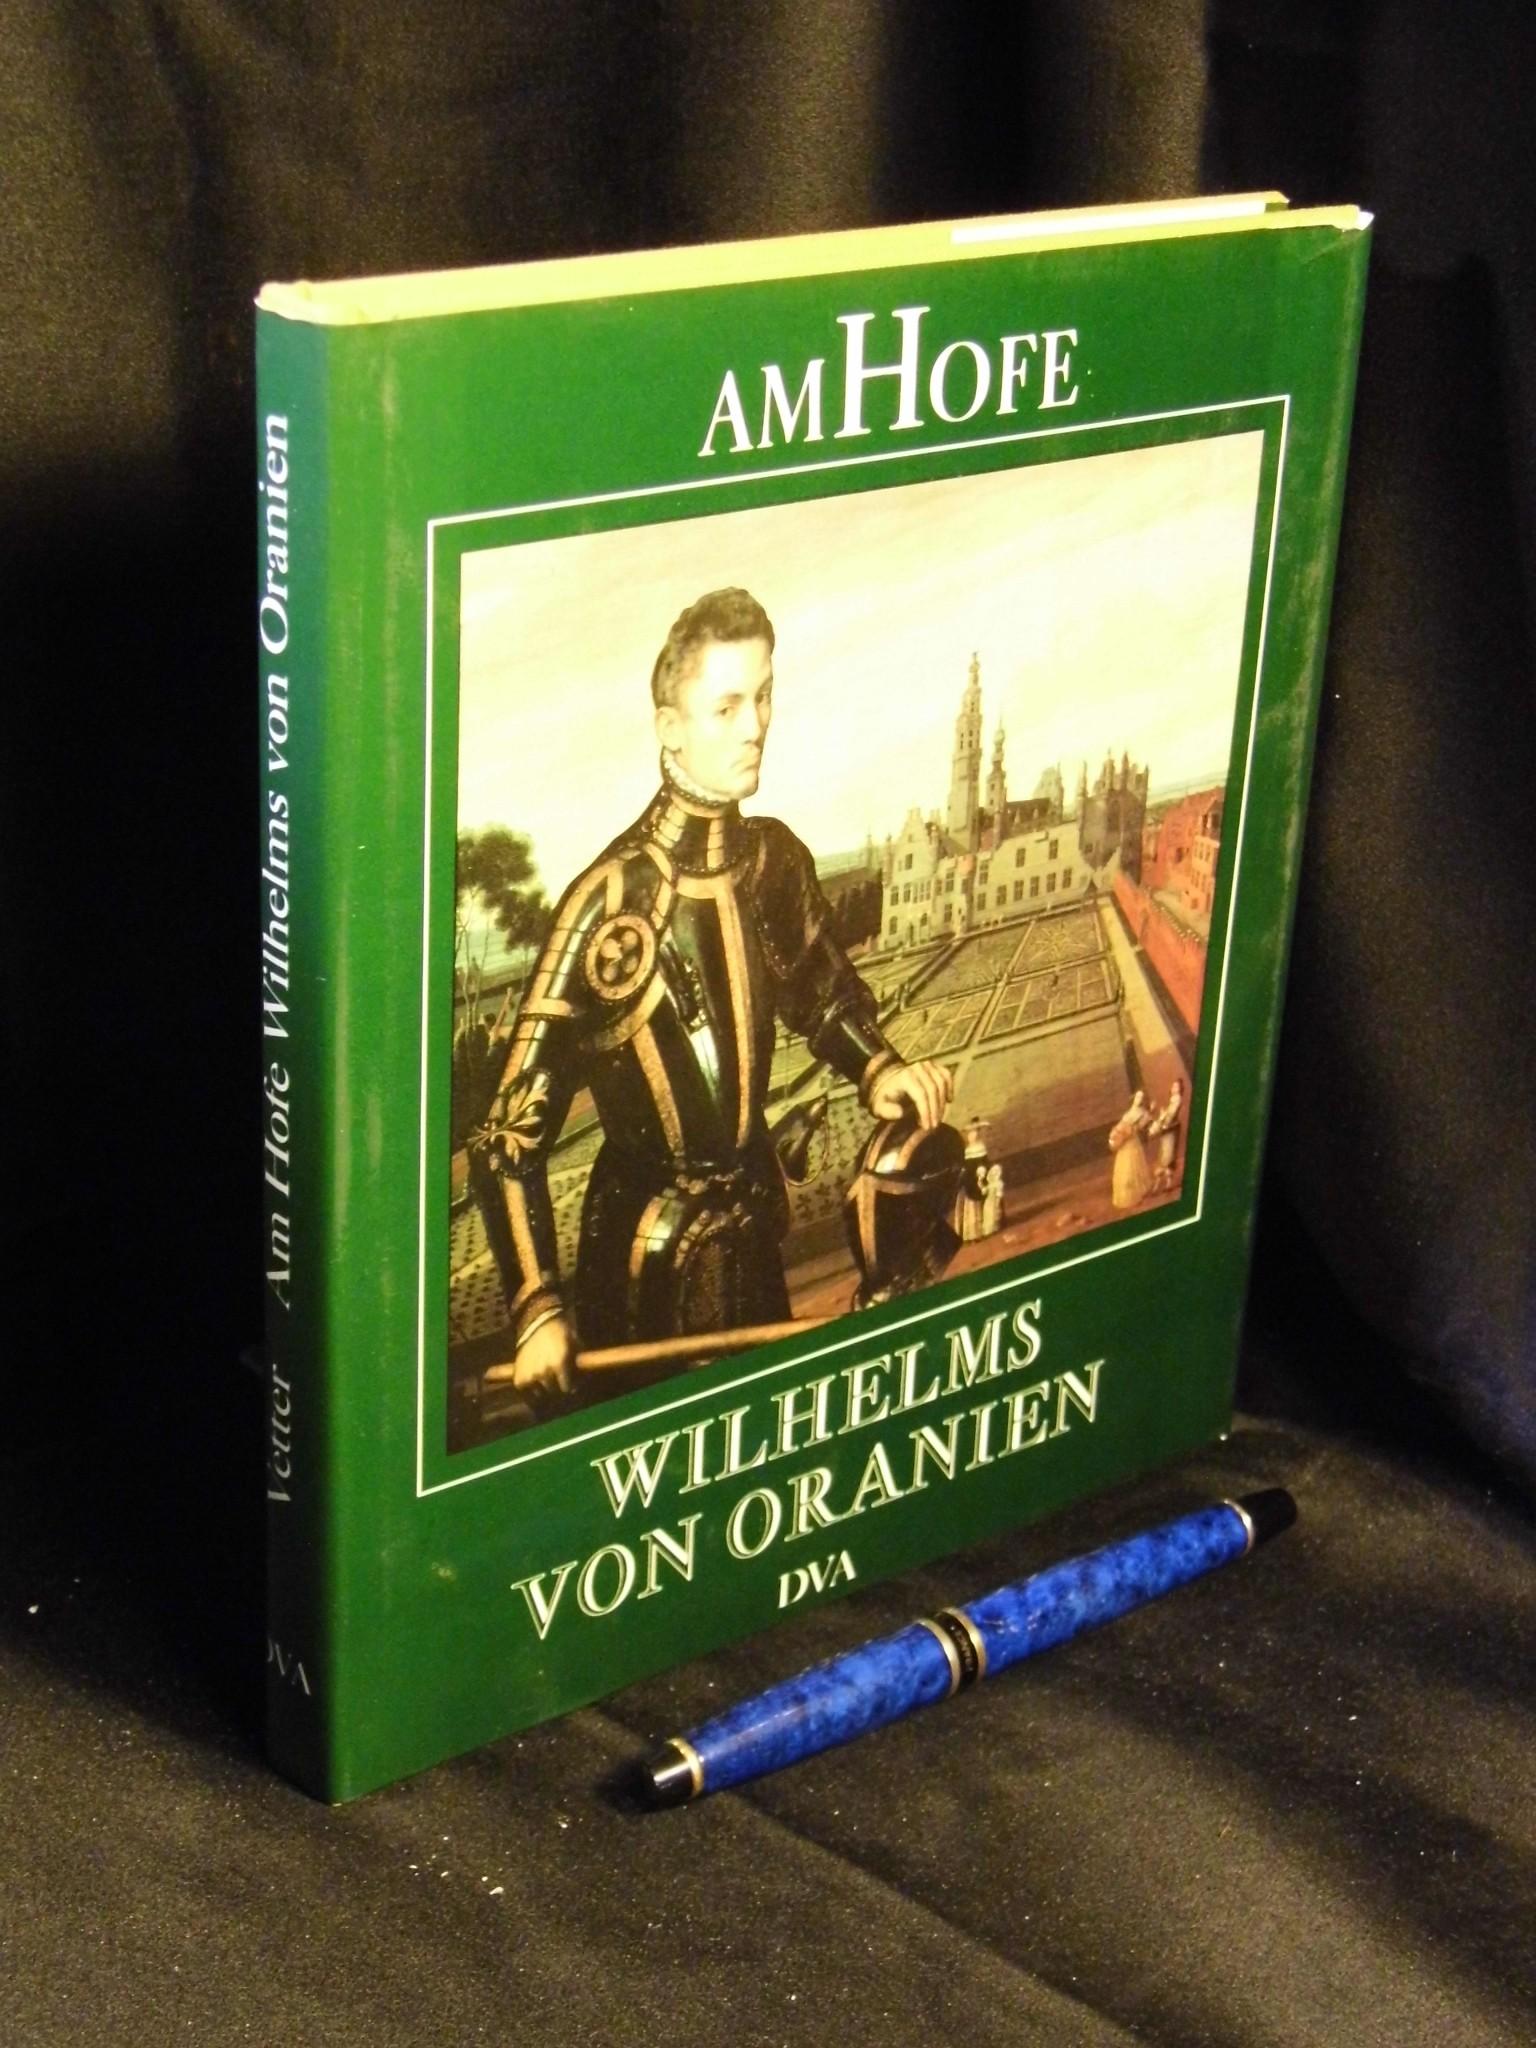 Am Hofe Wilhelms von Oranien - Vetter, Klaus